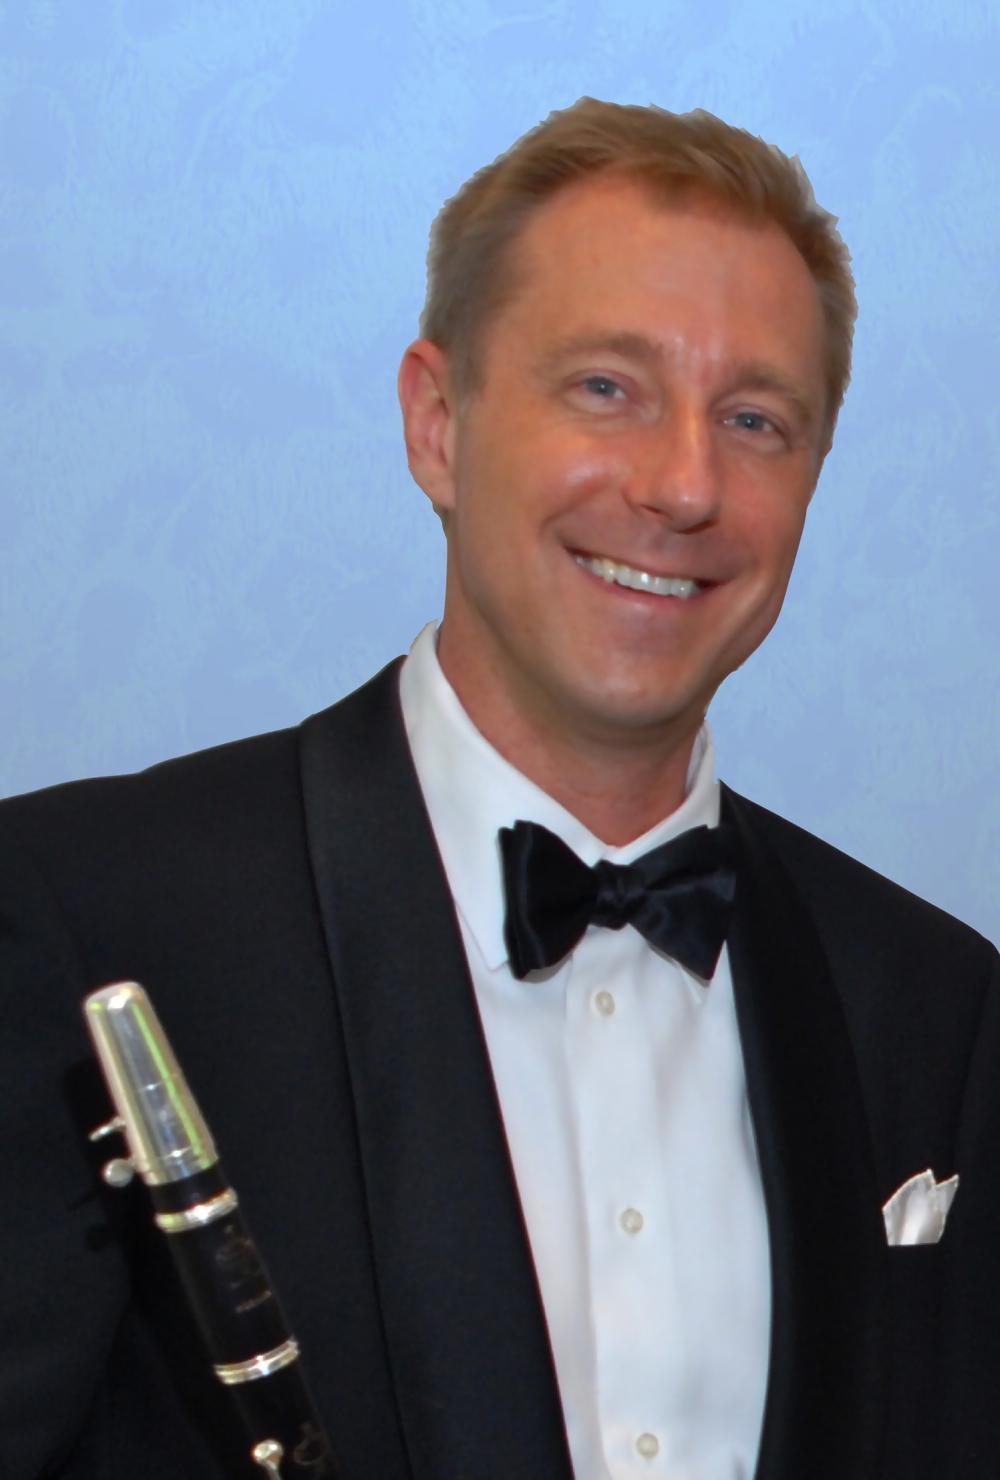 Donald Mokrynski, clarinet